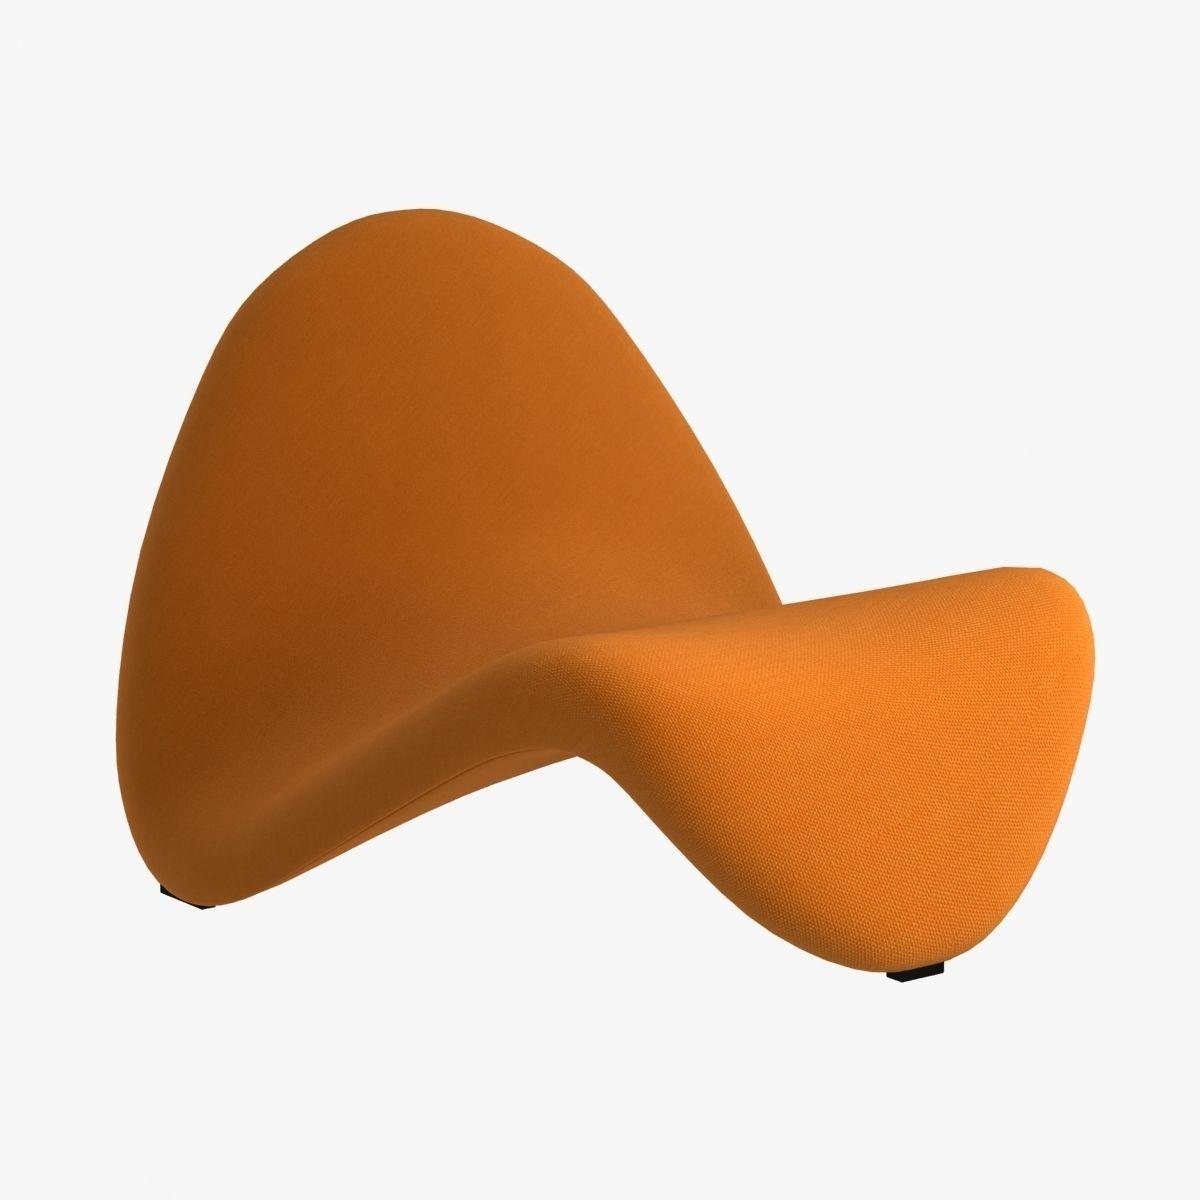 artifort tongue modern chair d model max obj ds fbx mtl - artifort tongue modern chair d model max obj ds fbx mtl